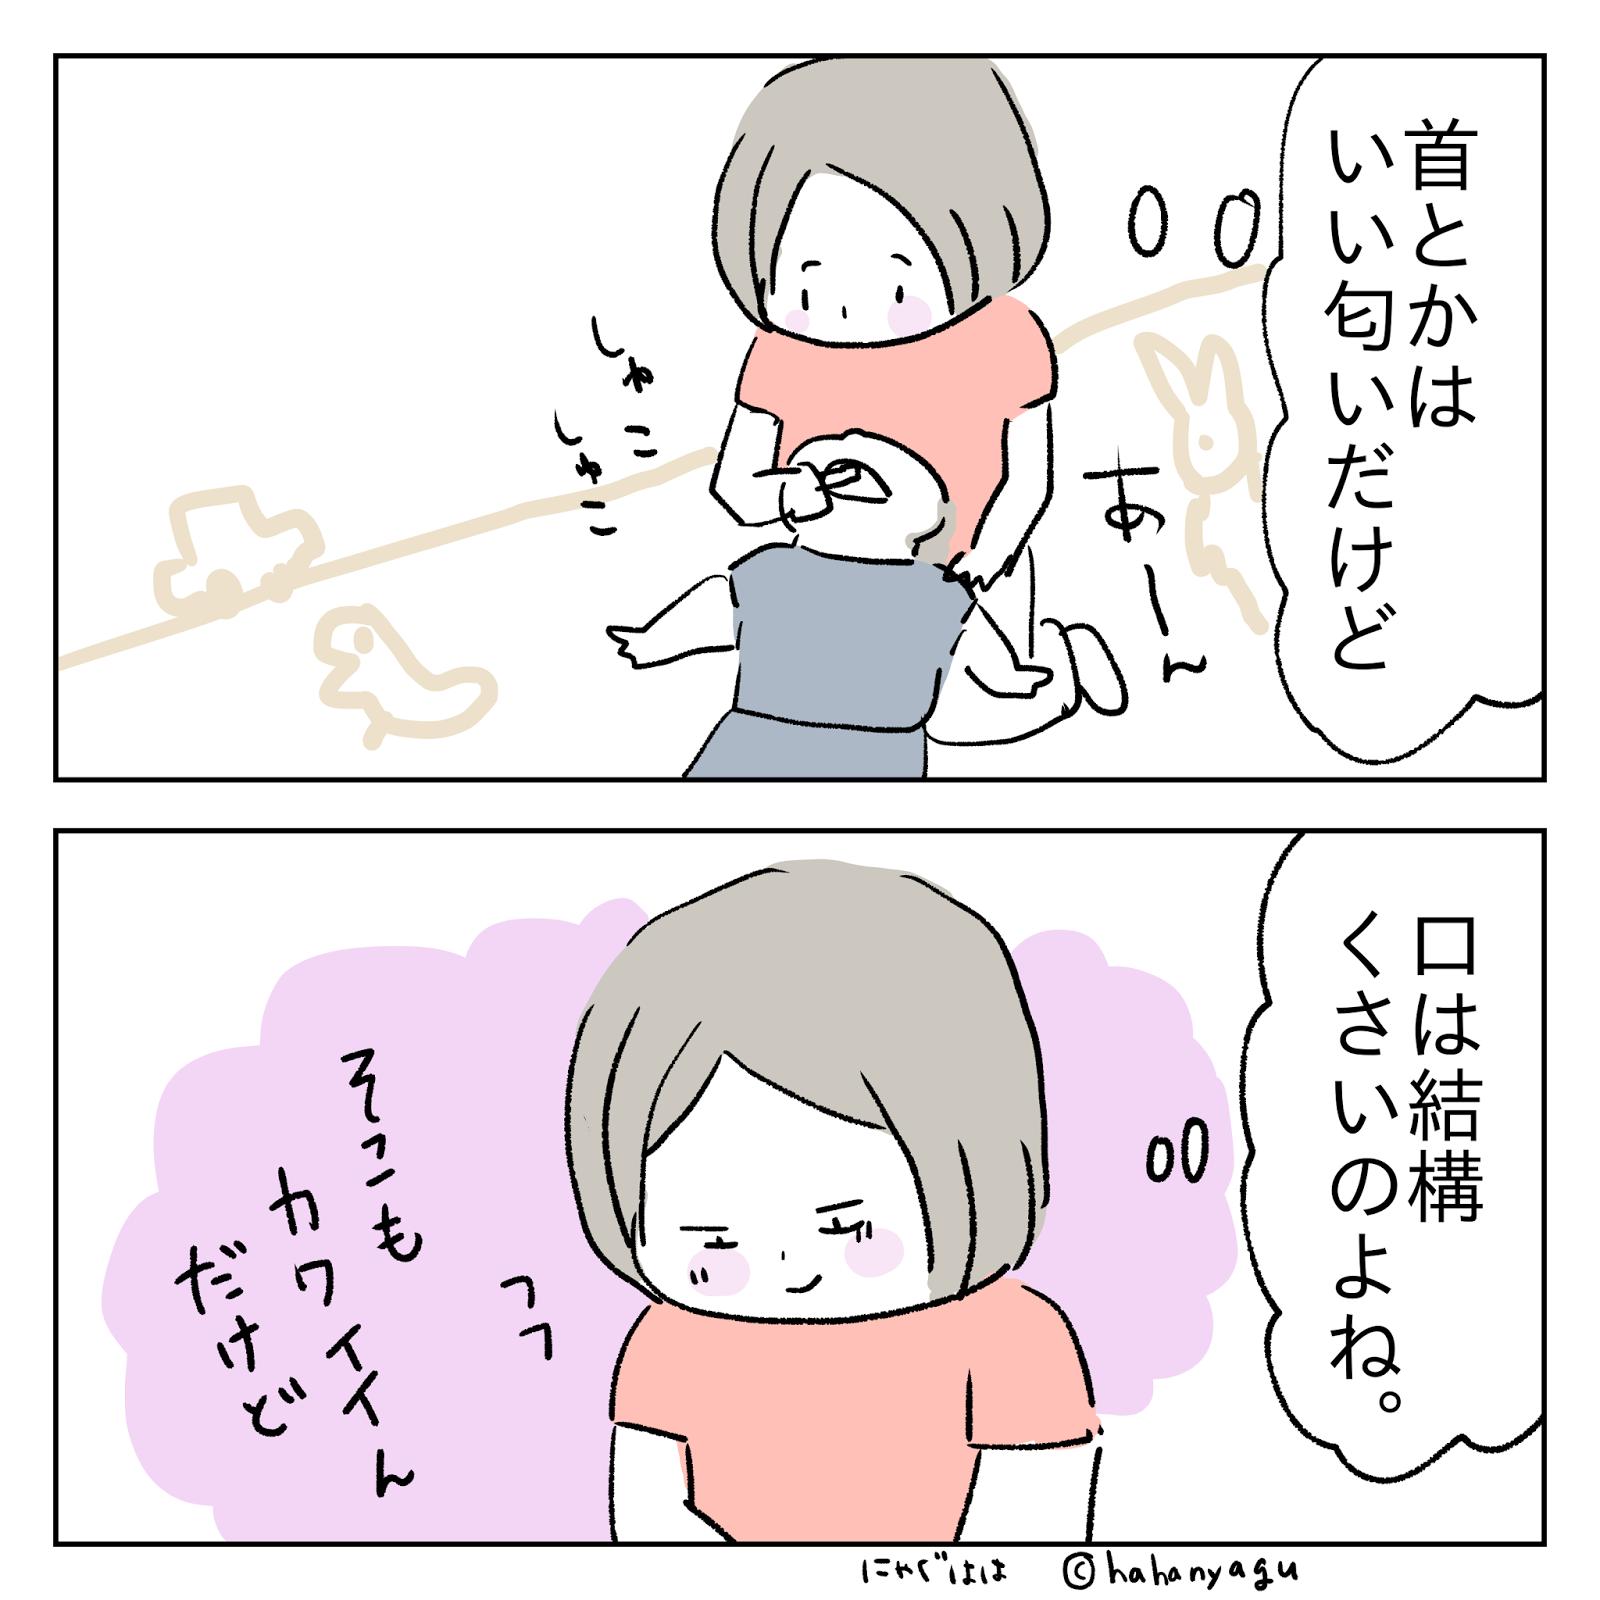 臭い が 赤ちゃん 口